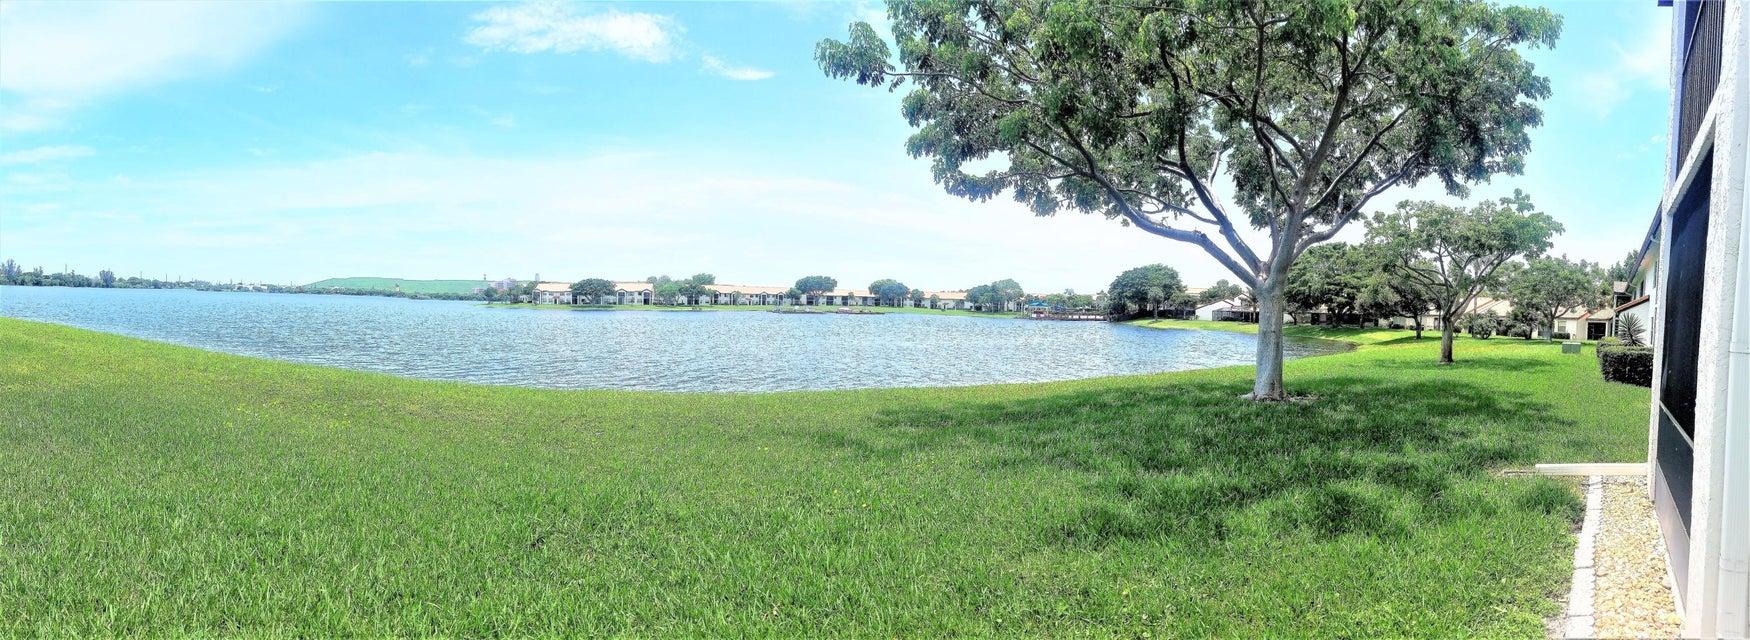 ext 2 lake view